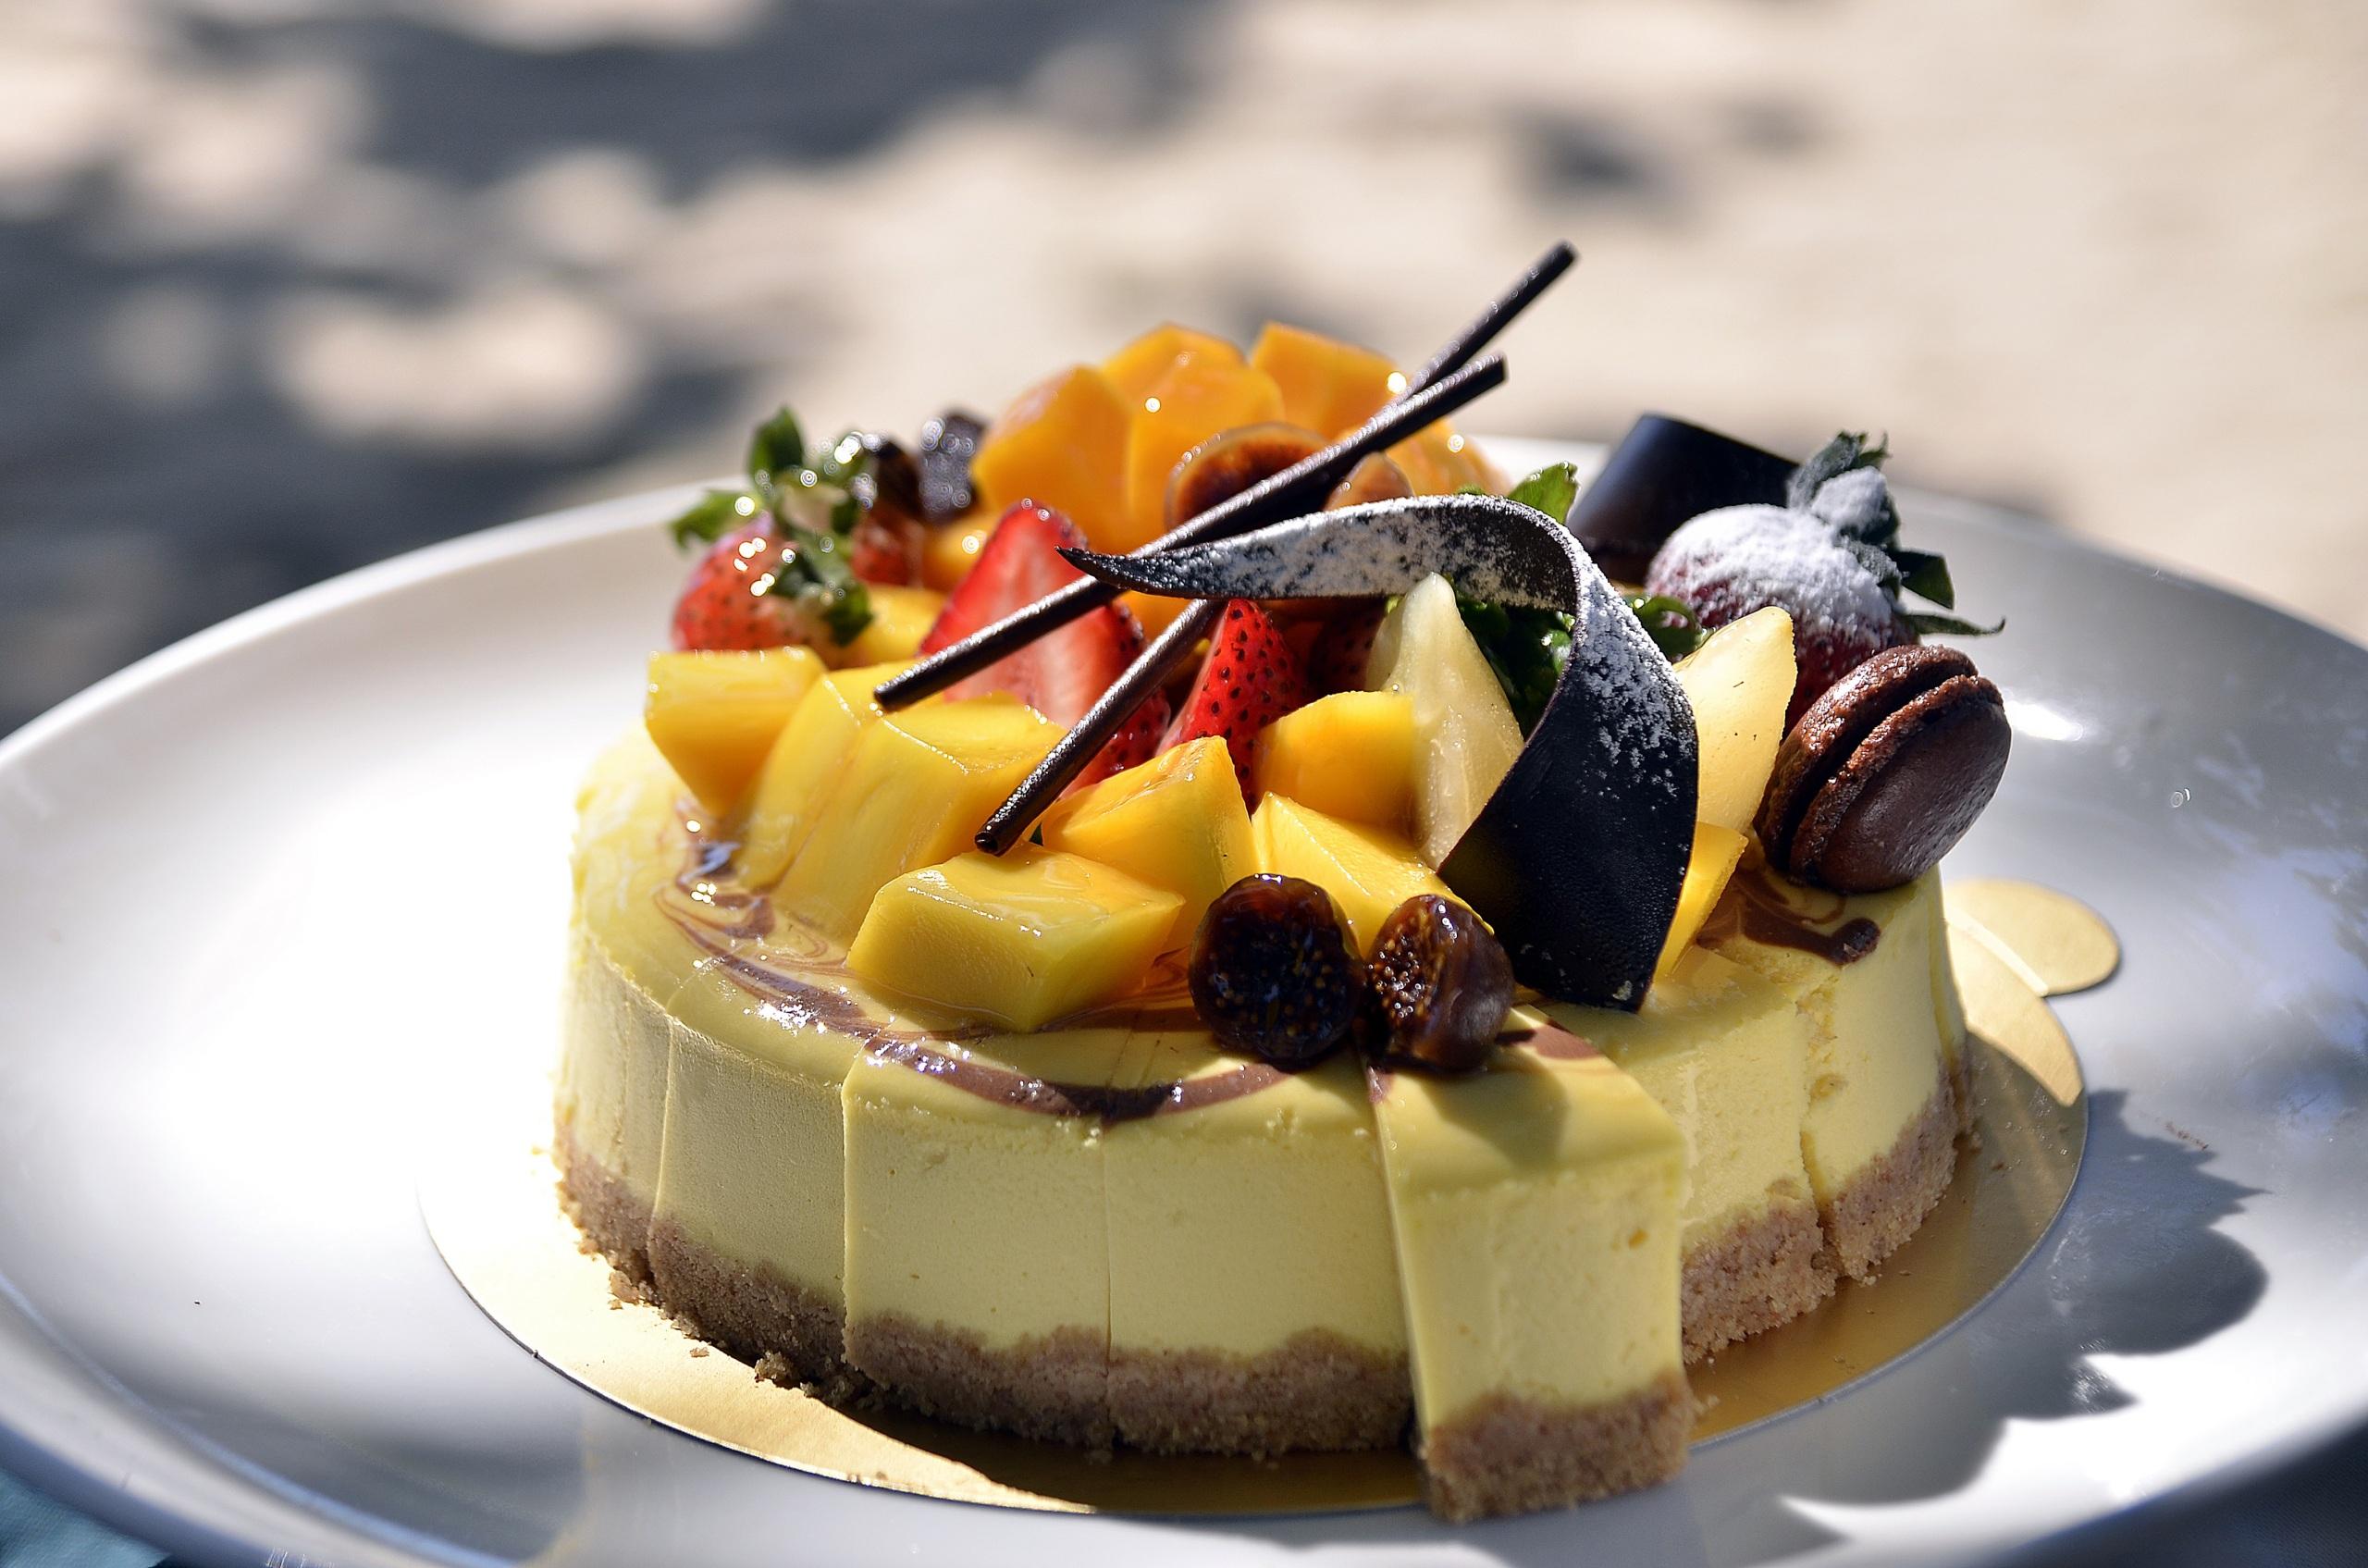 Картинка Шоколад Торты Фрукты Продукты питания Сладости 2560x1695 Еда Пища сладкая еда